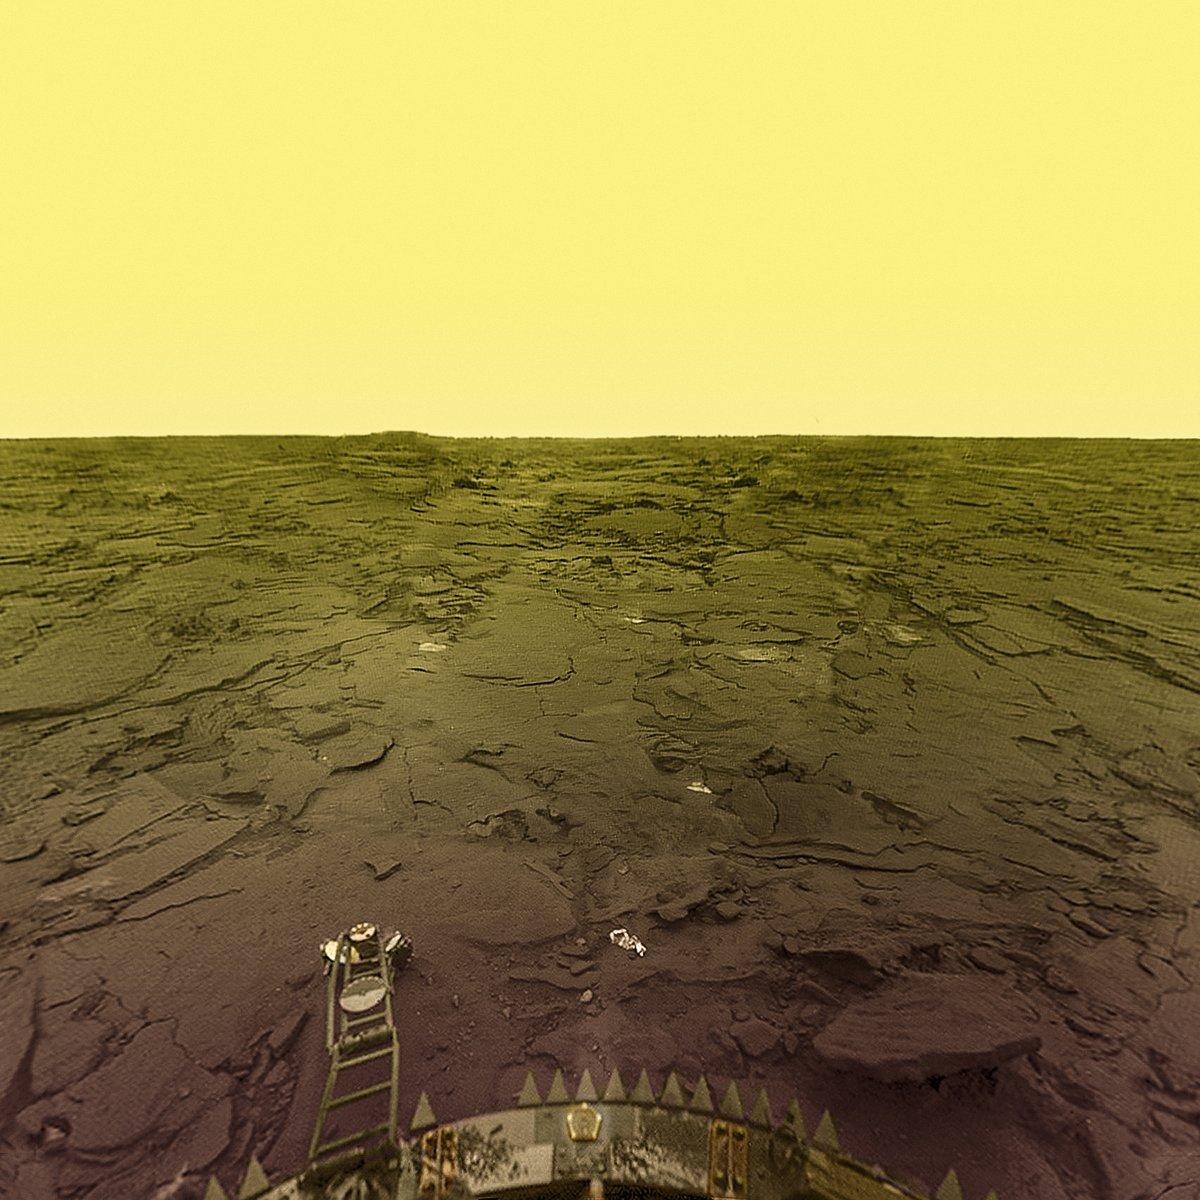 поверхность Венеры, съёмка советской посадочной миссии, обработка от Дона Митчела